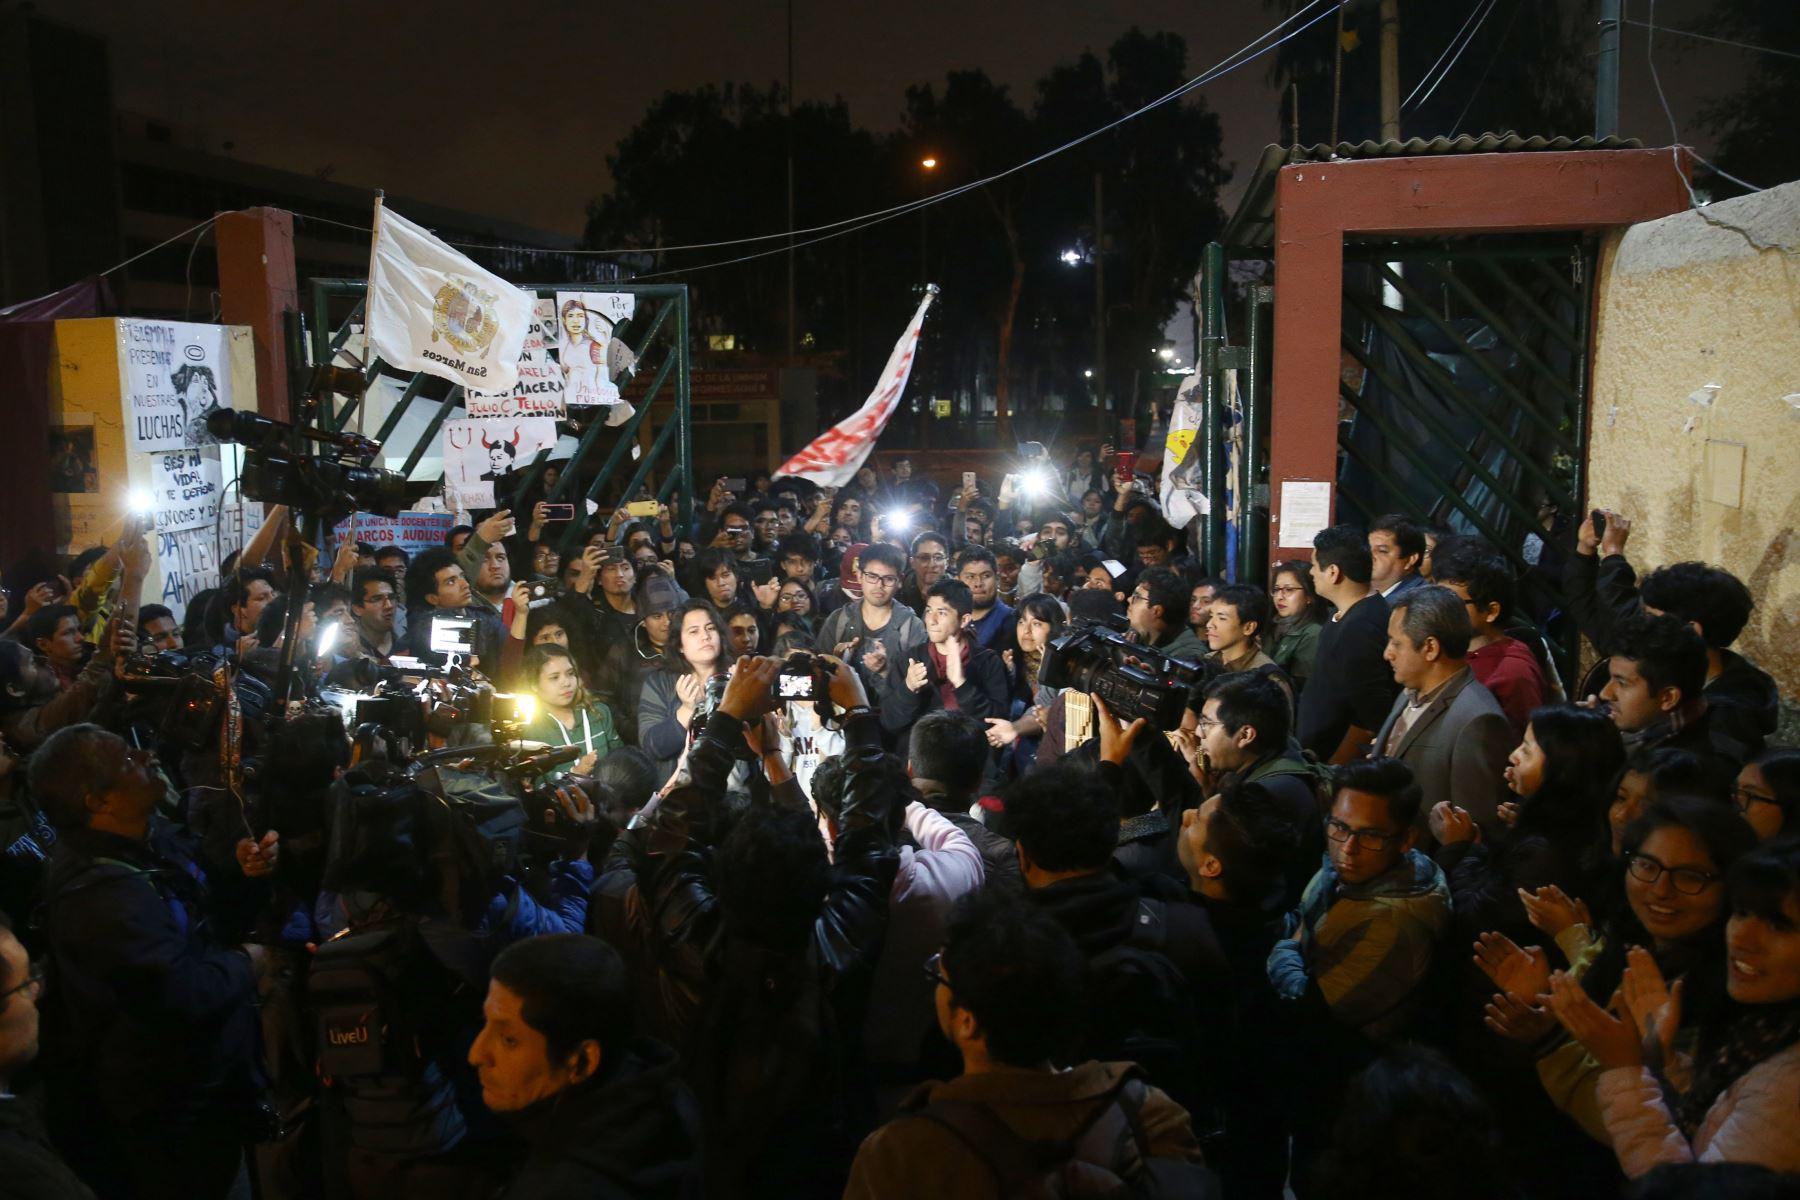 Universidad Nacional Mayor de San Marcos (UNMSM), que tomaron el campus desde el 17 de setiembre en protesta por el proyecto vial de la avenida Venezuela, levantan su medida de fuerza y reabren las puertas de la Decana de América. Foto: ANDINA/Vidal Tarqui